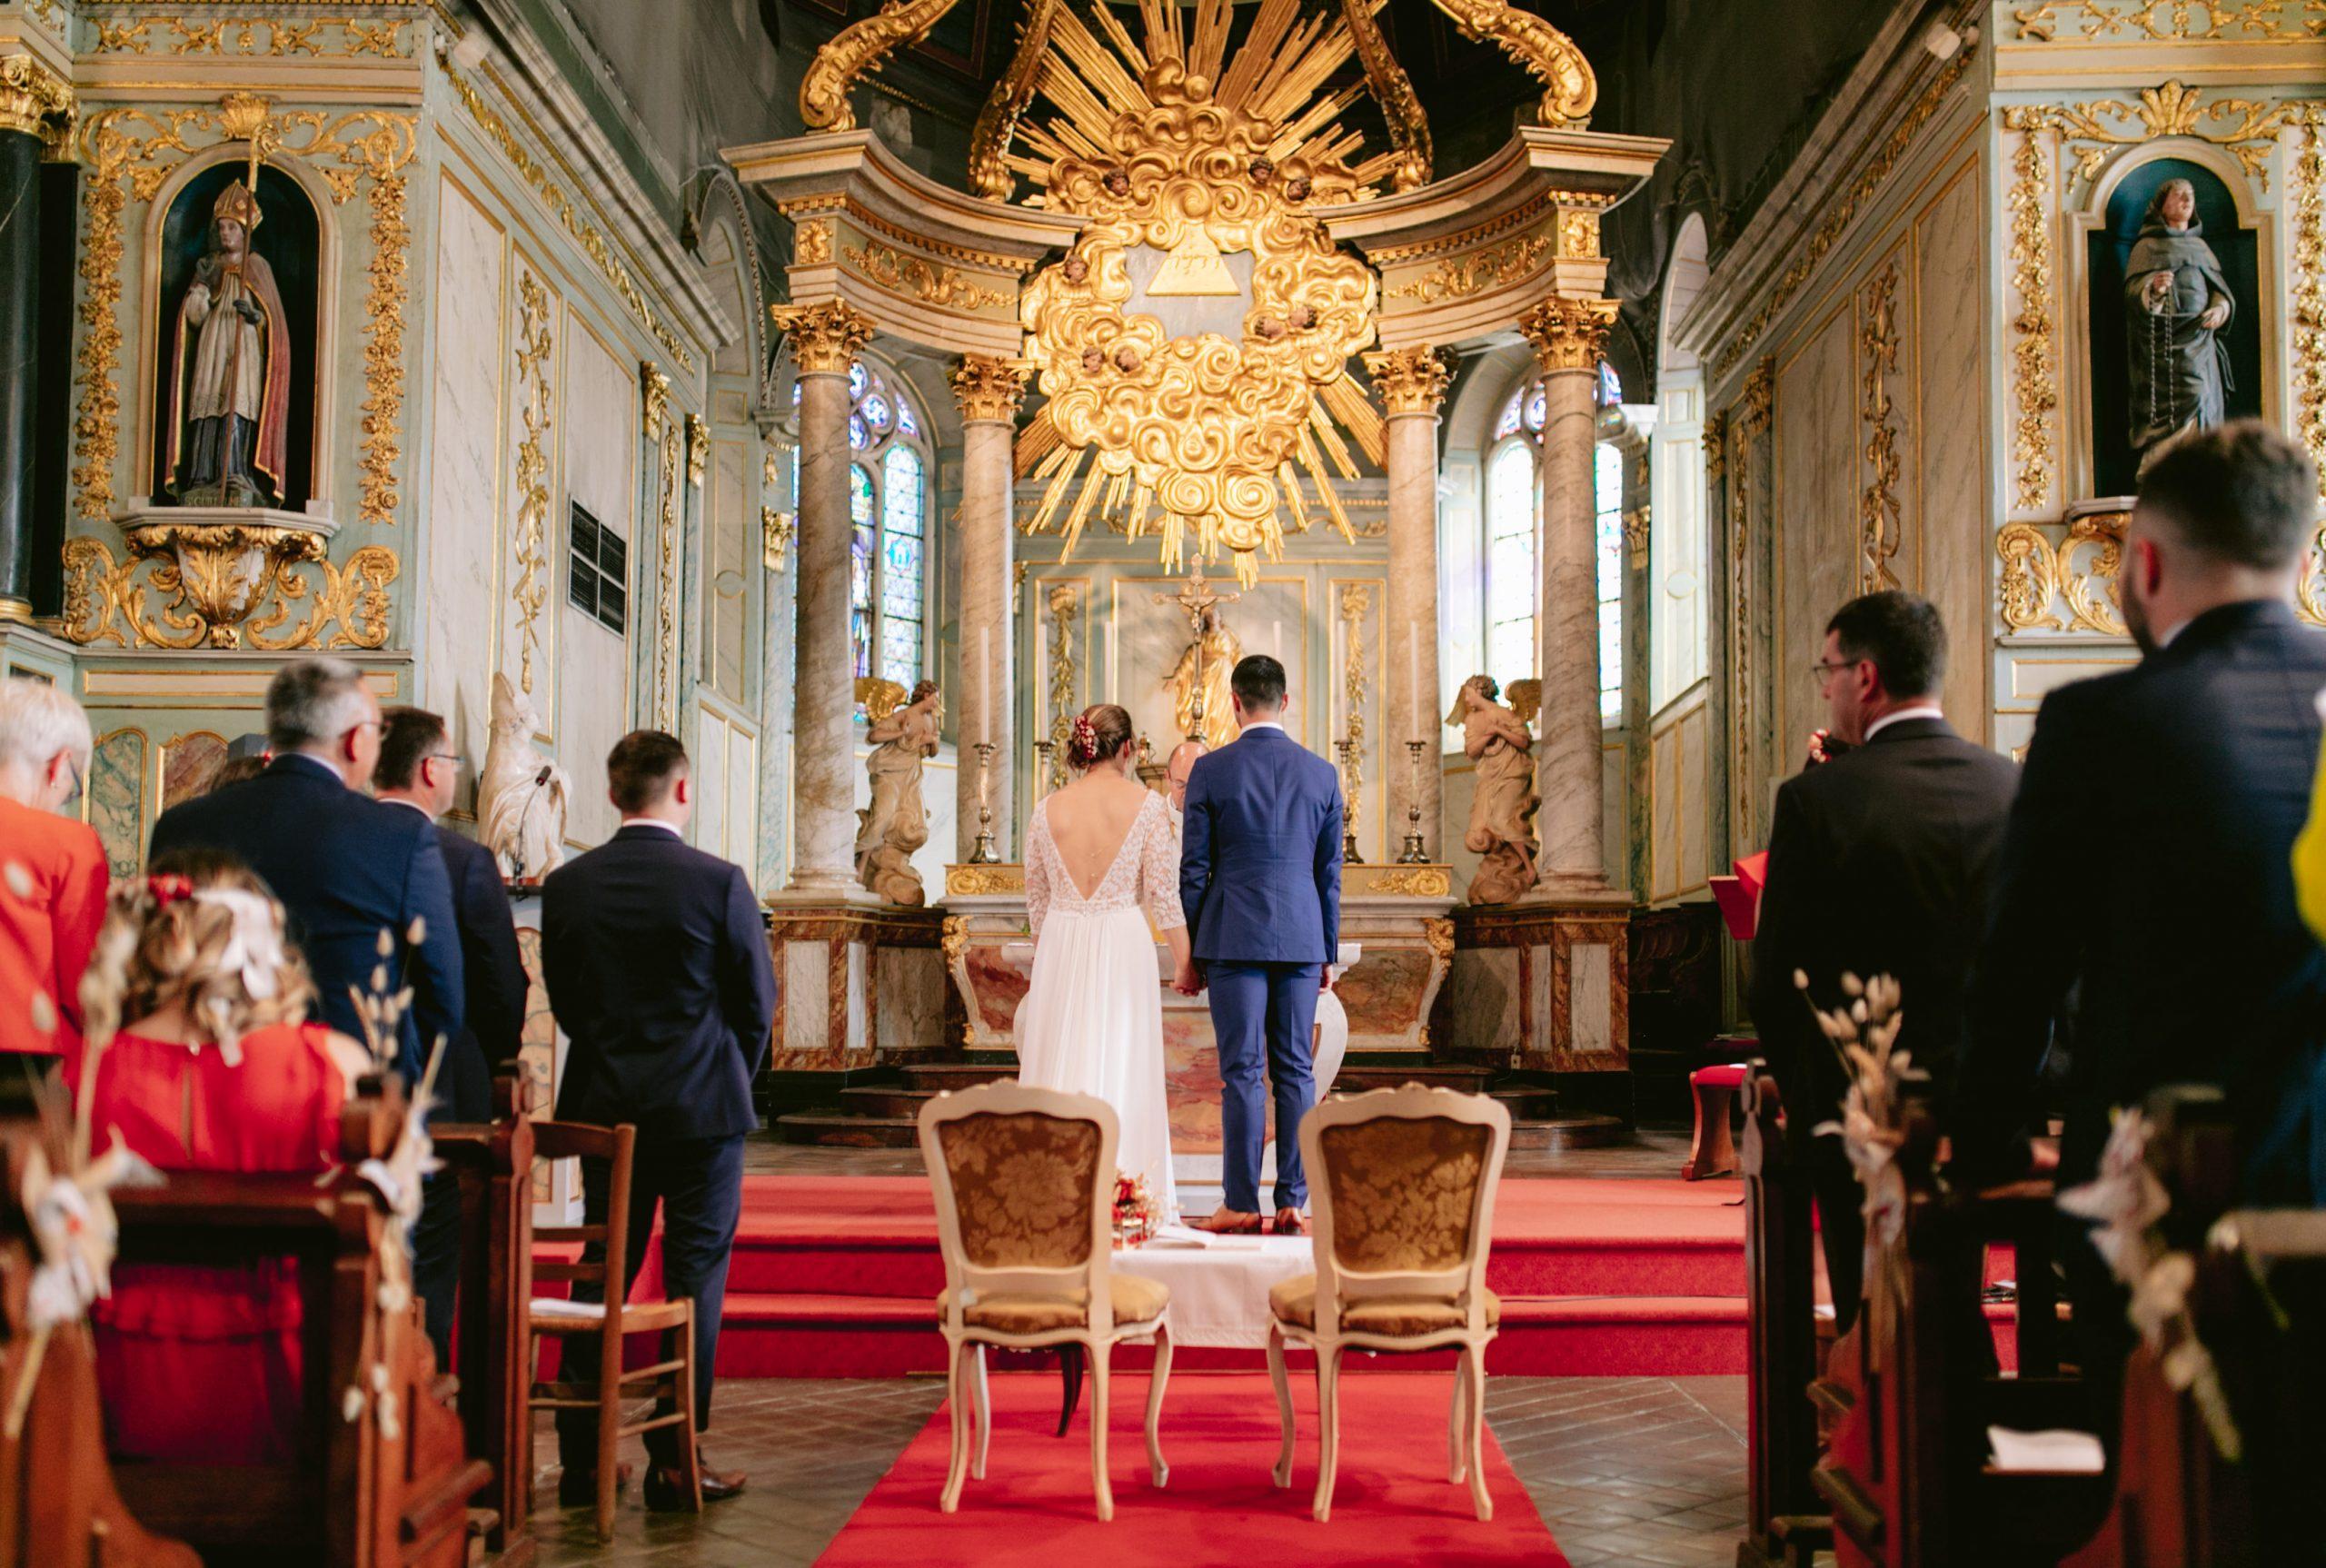 photographe de mariage rennes laval angers nantes